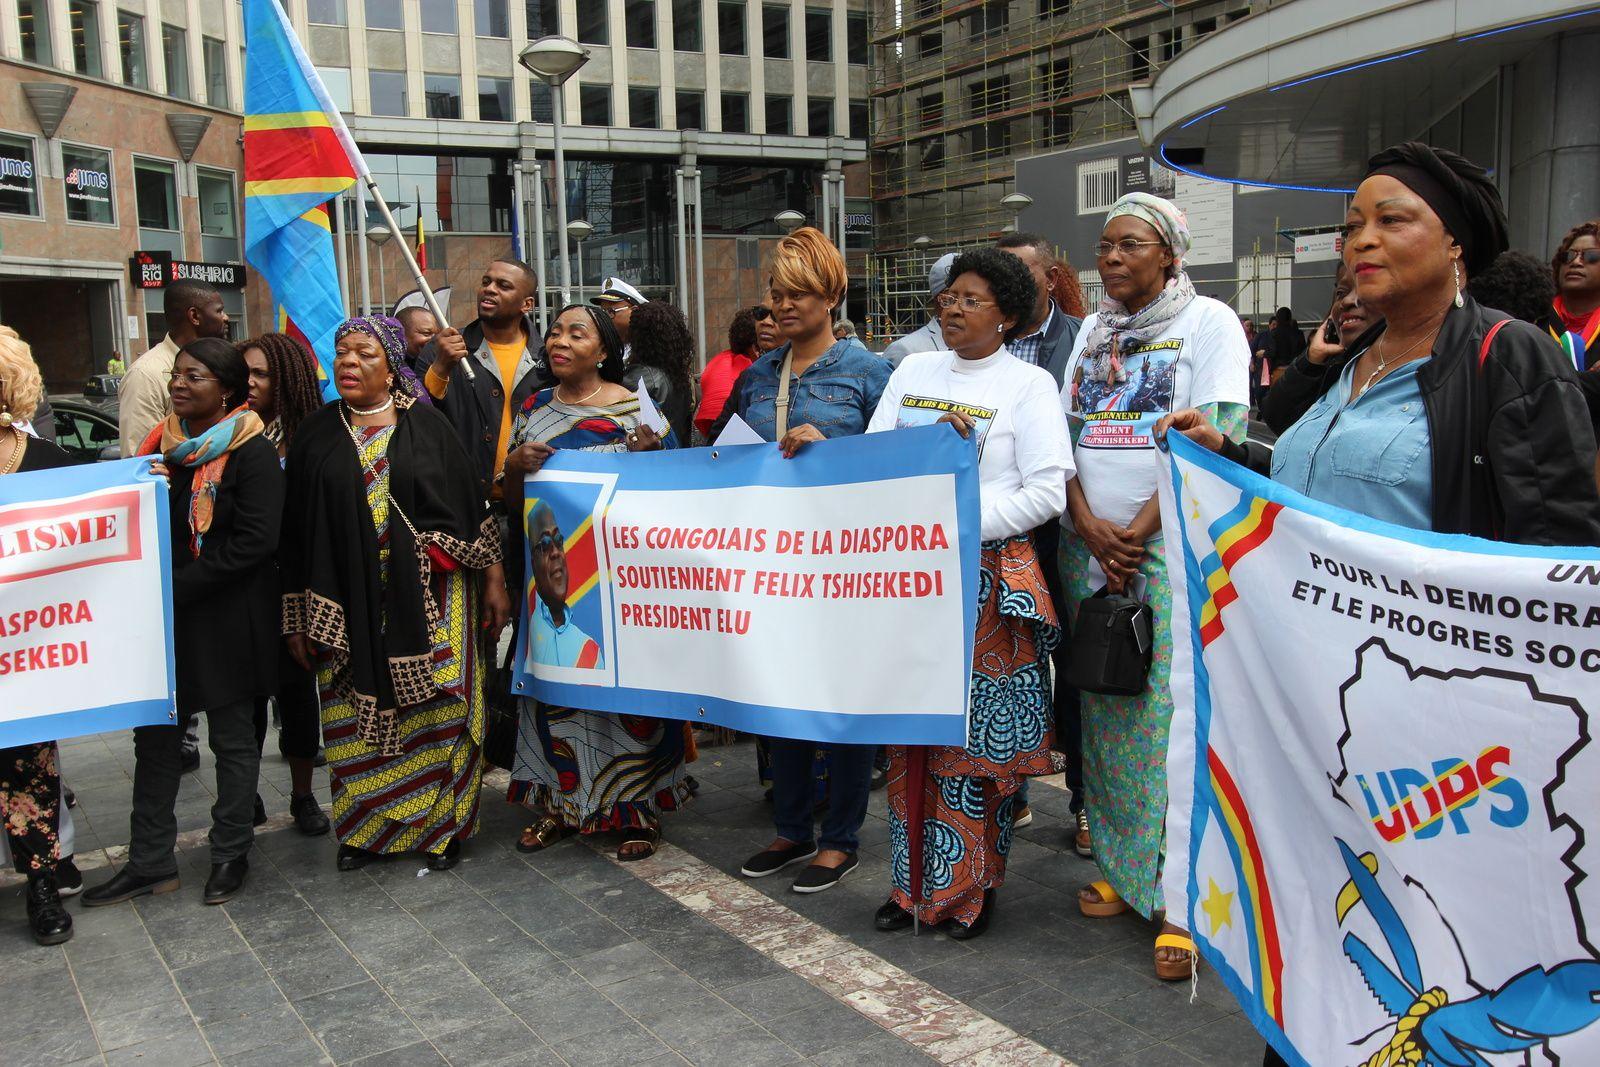 Manifestation pro-Félix Tshisekedi à Bruxelles